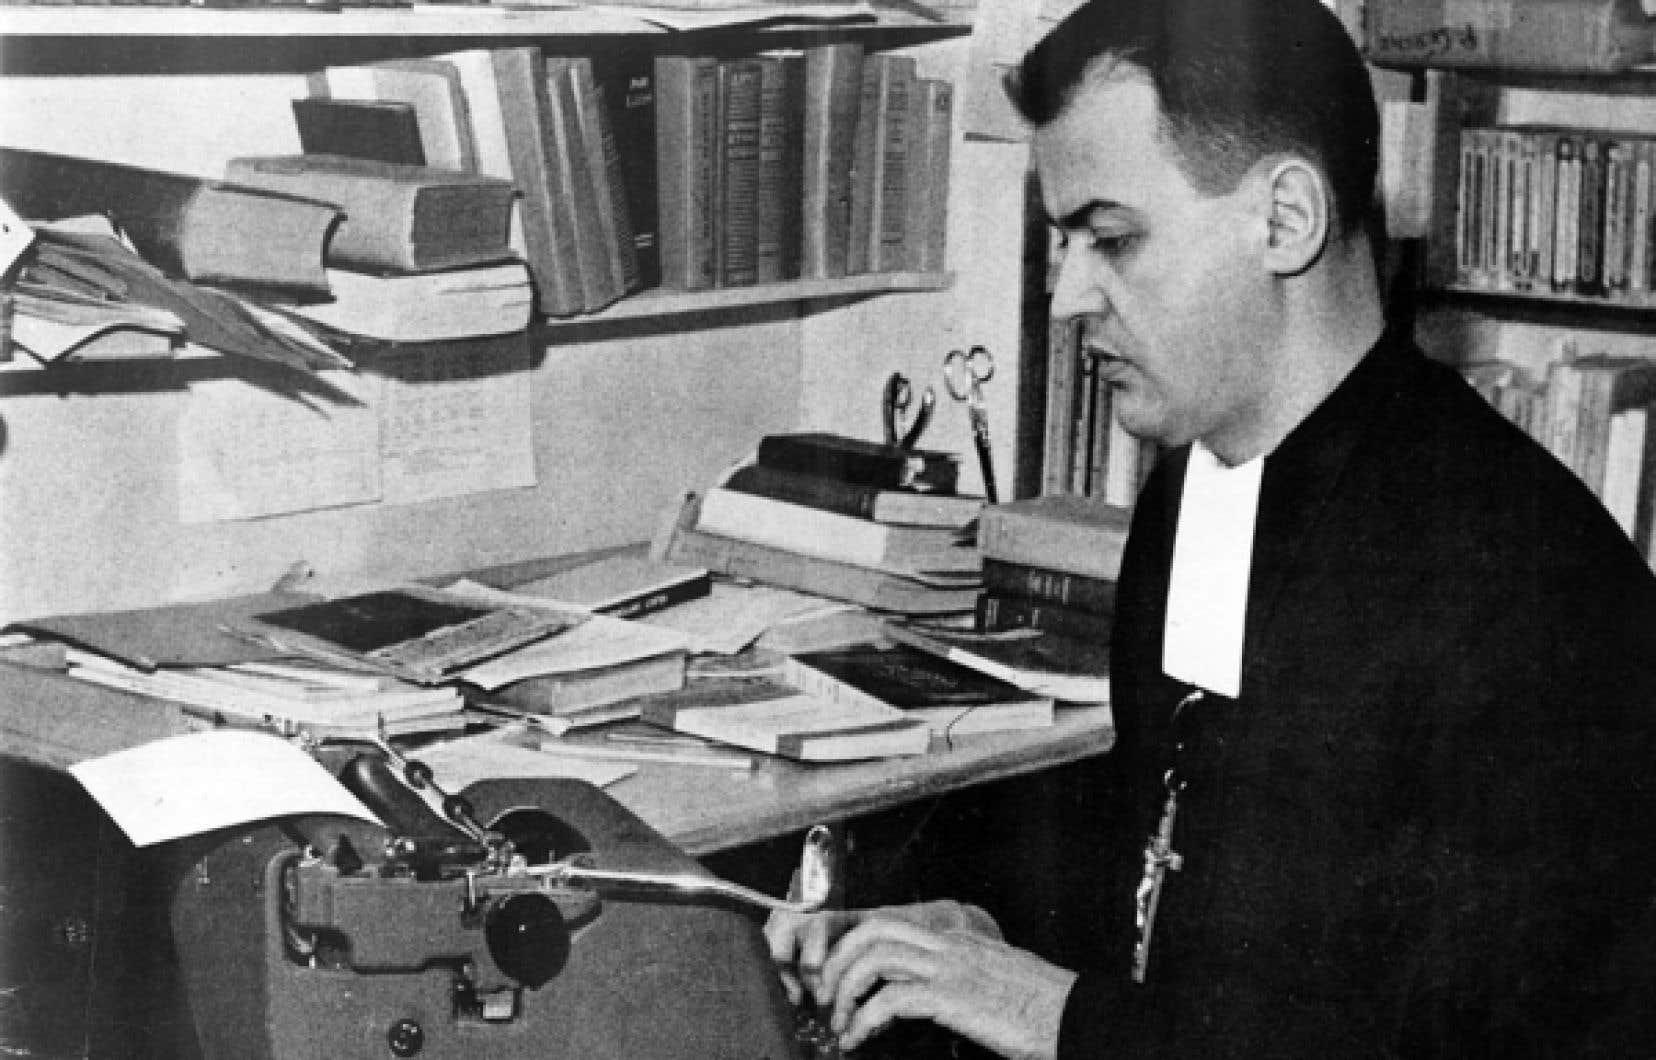 Le frère Untel attaque les programmes sans manuels, une hiérarchie scolaire obsédée par son propre jargon et un culte du secret, dans un texte qu'on croirait écrit hier.